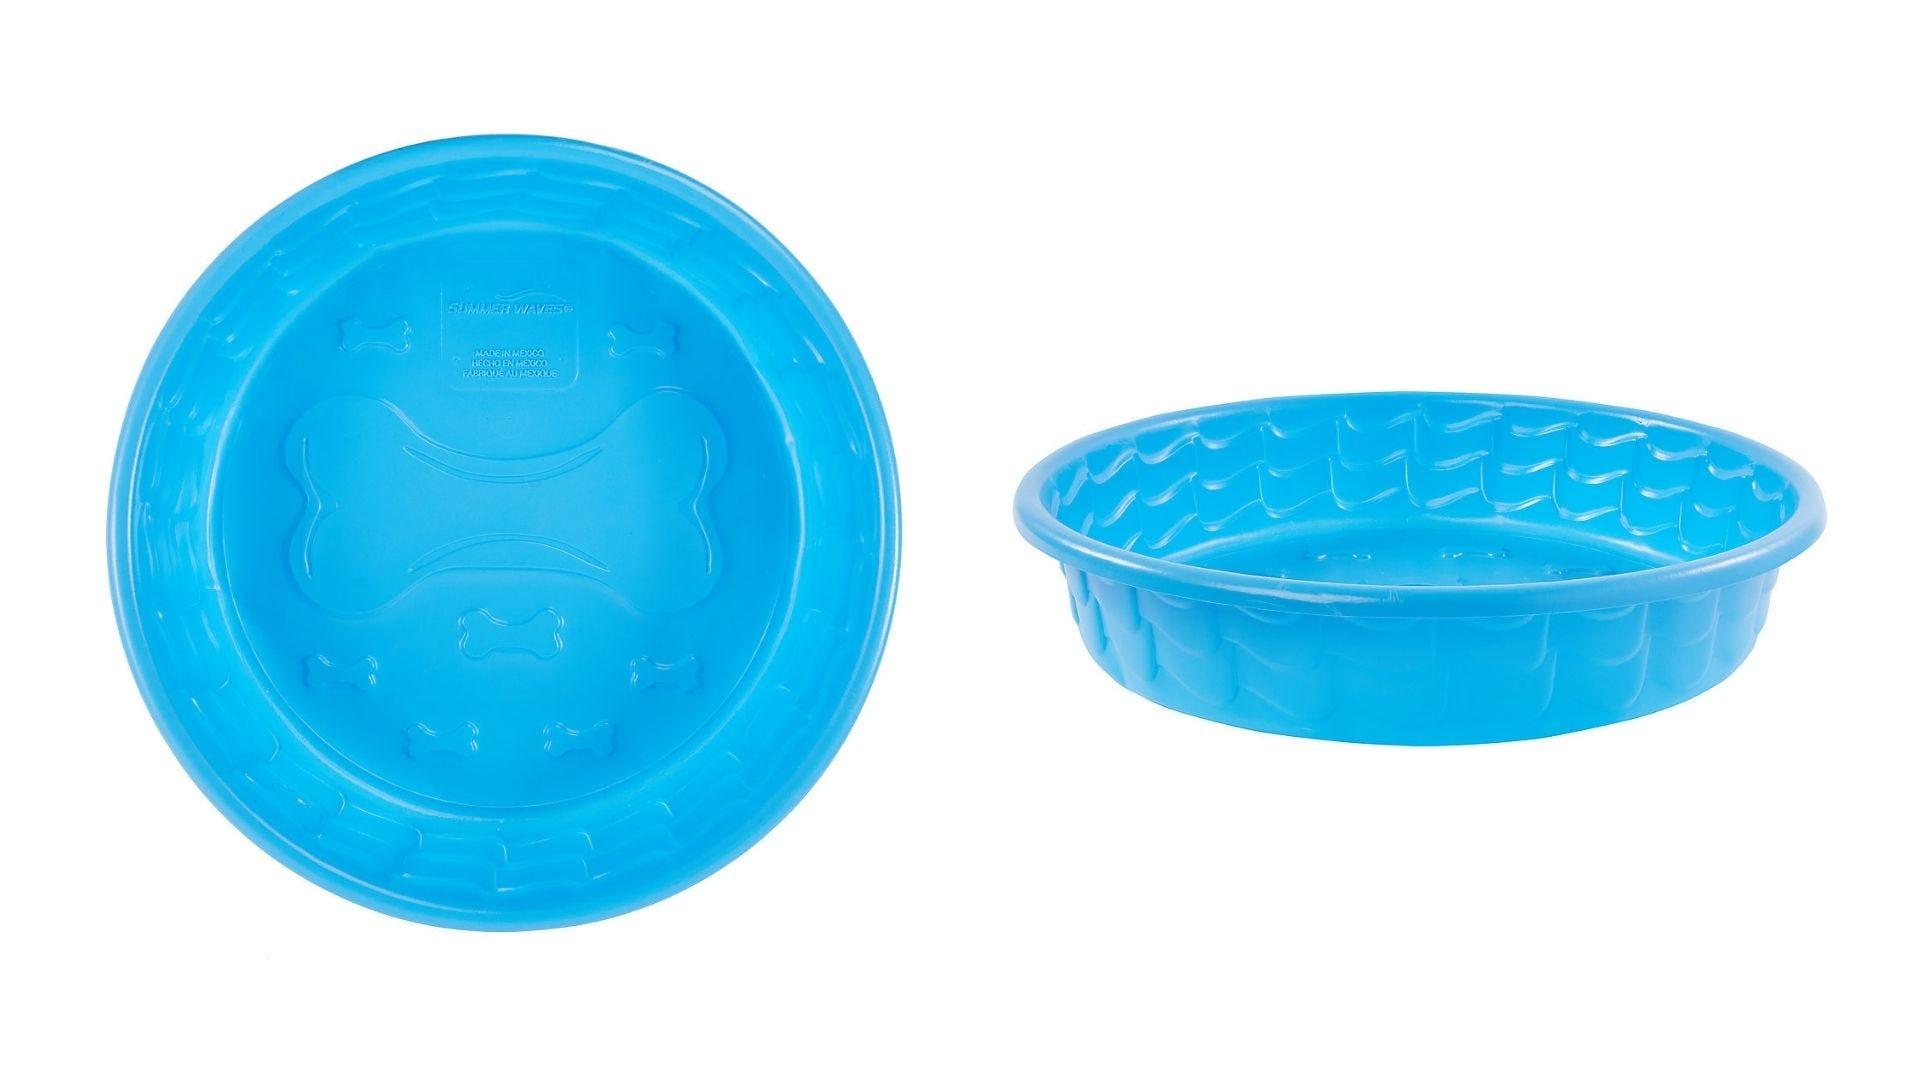 Una pequeña piscina para perros de plástico vista superior y vista lateral.